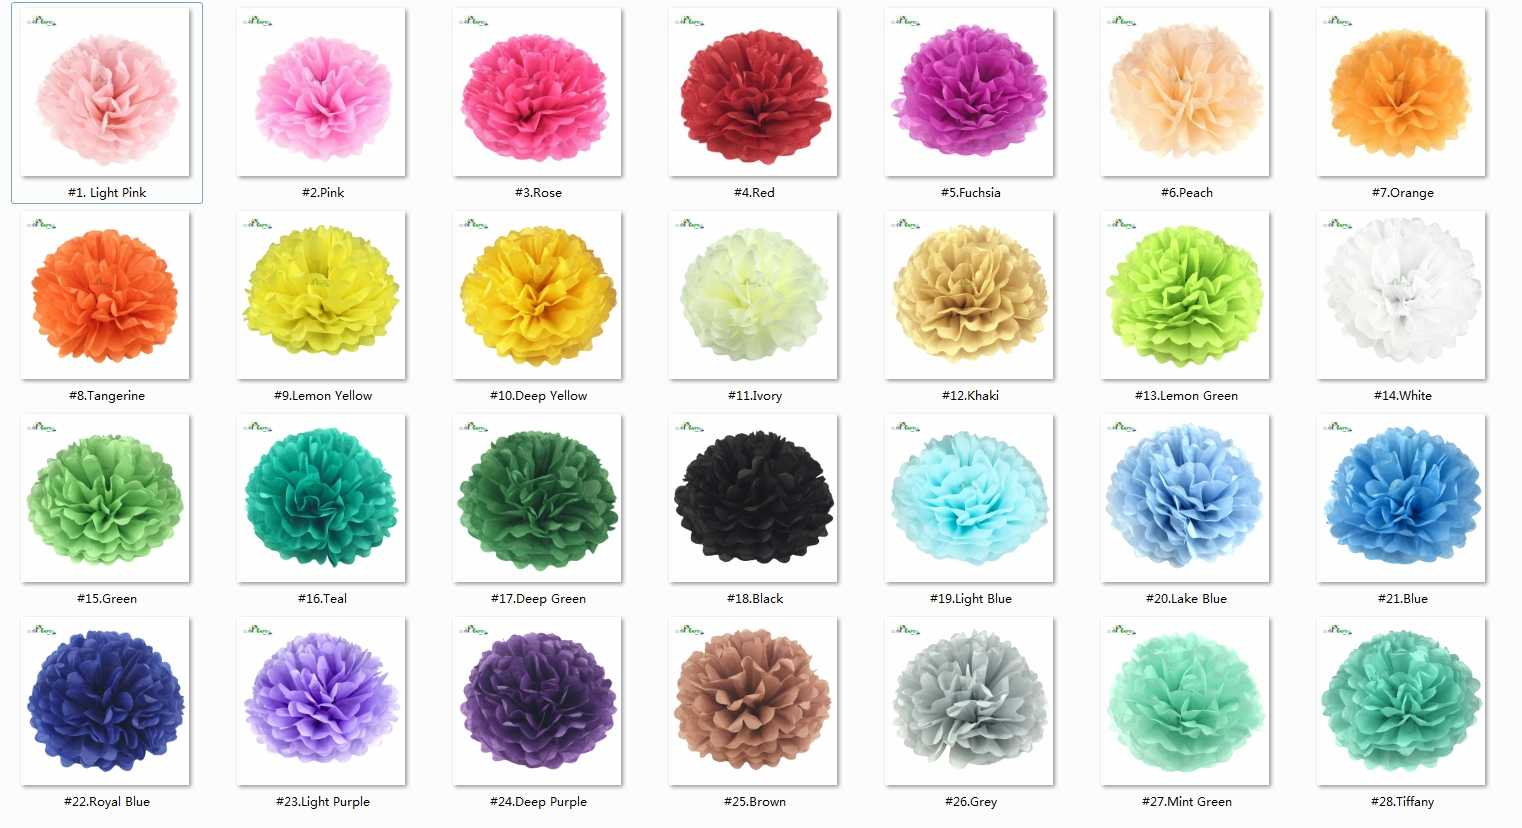 Pompons de papel decorativos para casamento, bolas de 10cm, 15cm, 20cm, 25cm, decoração de casamento, bolas de 4, 6, 8, 10 polegadas decoração de decoração de aniversário